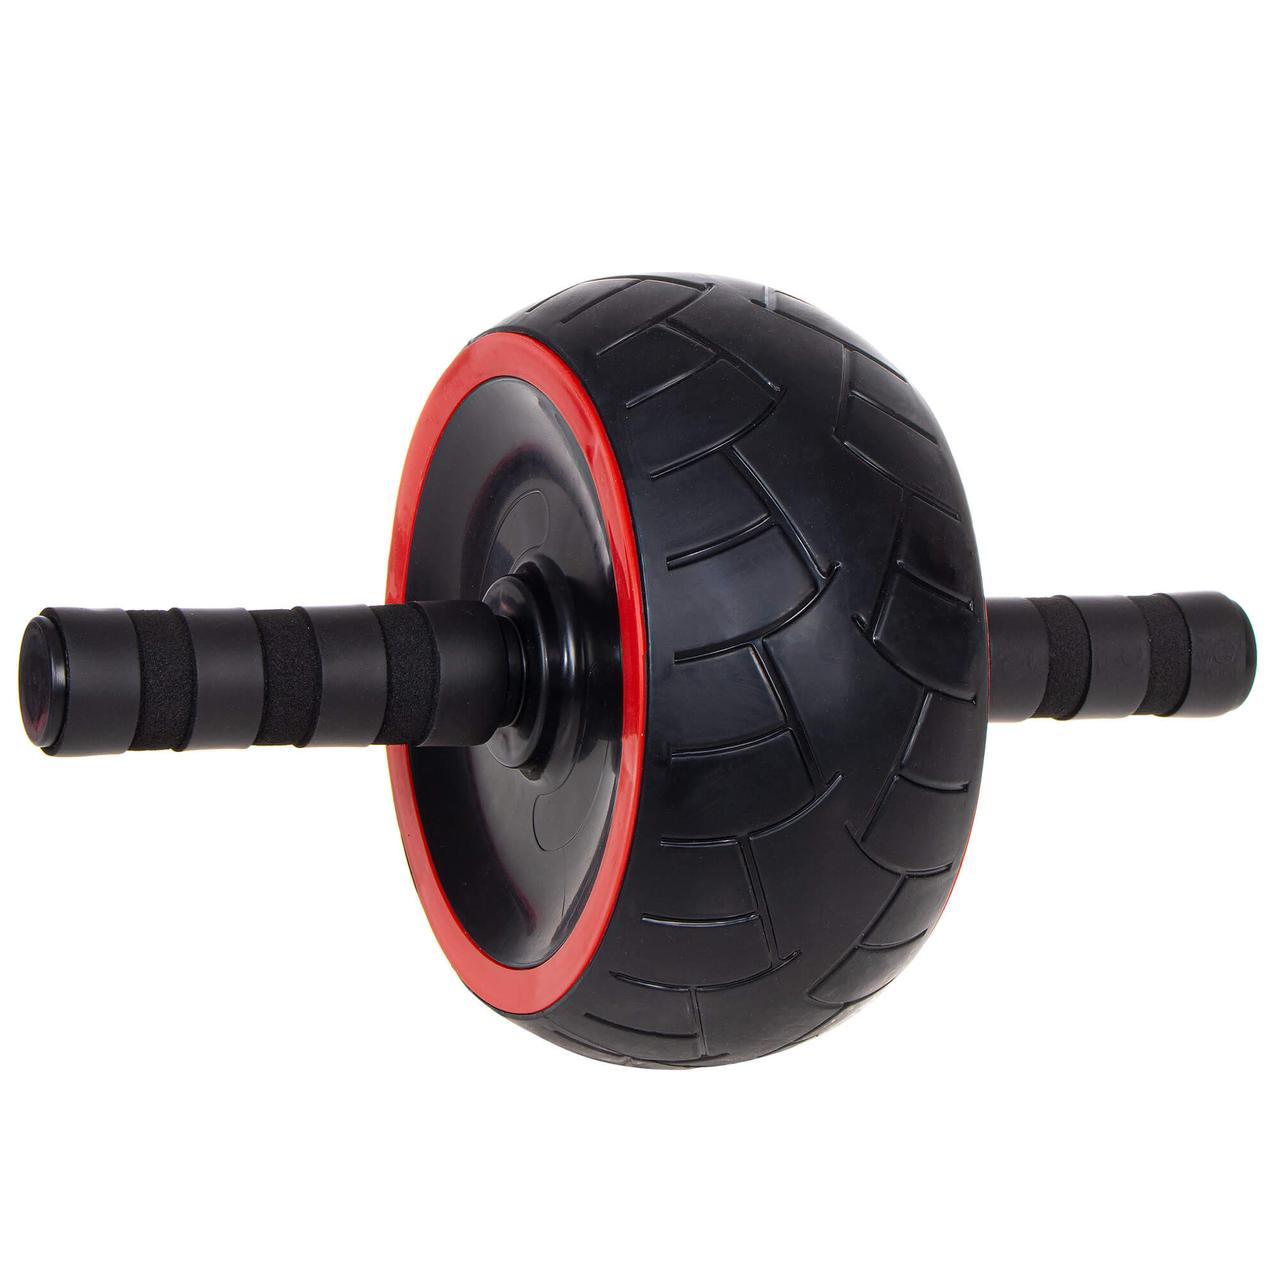 Ролик (колесо) для пресса Springos AB Wheel FA5020 Black/Red